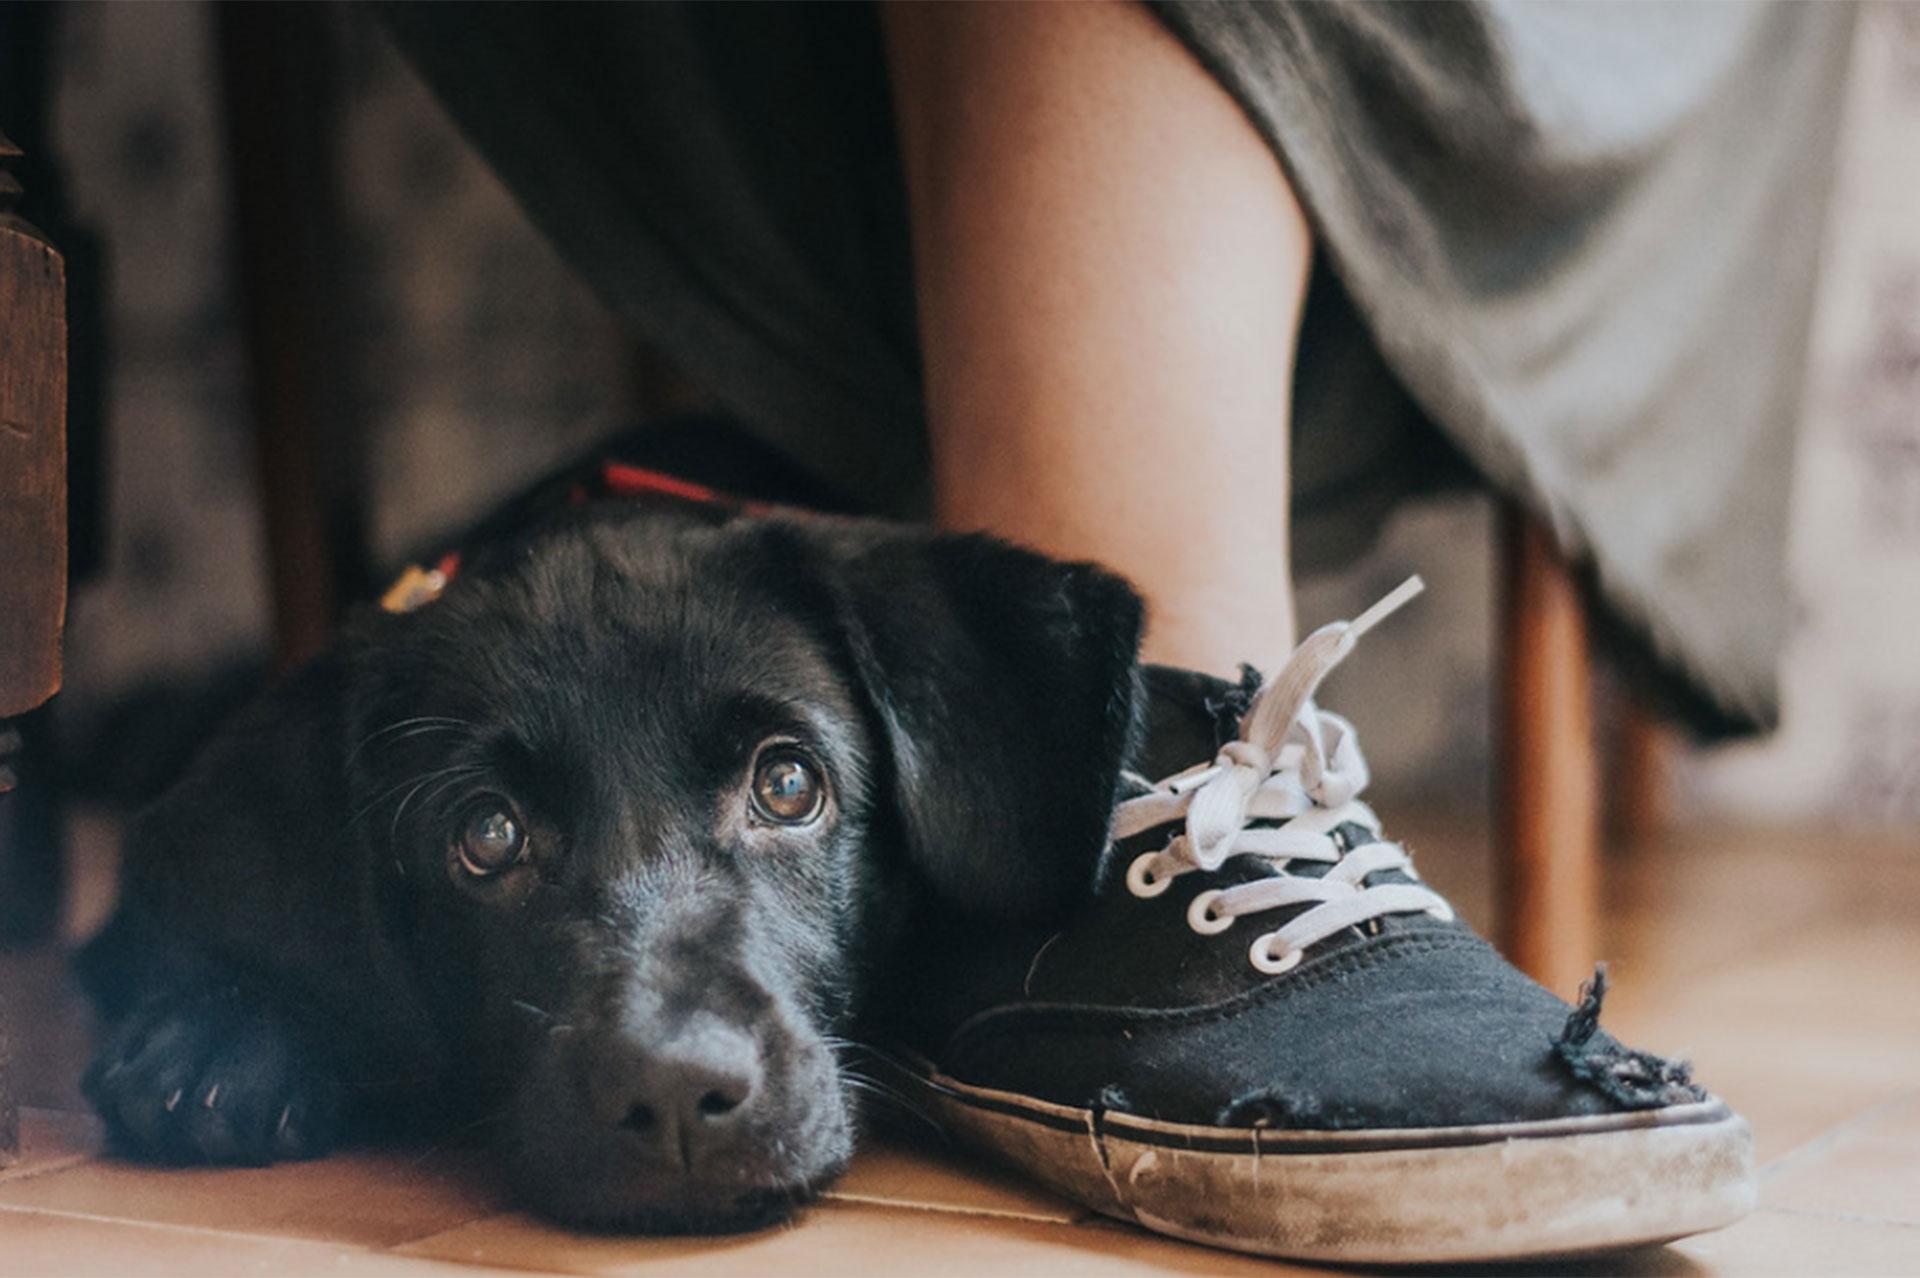 """Categoría: """"Mejor Amigo del Hombre"""". Yzma, un cruce de Golden Retriever, posa junto a una zapatilla desgastada de un niño en Portugal. """"Para mí, capturar momentos cándidos y reales es de lo que se trata la fotografía. Éste es uno de ellos"""", indicó la autora, Maria Davison"""